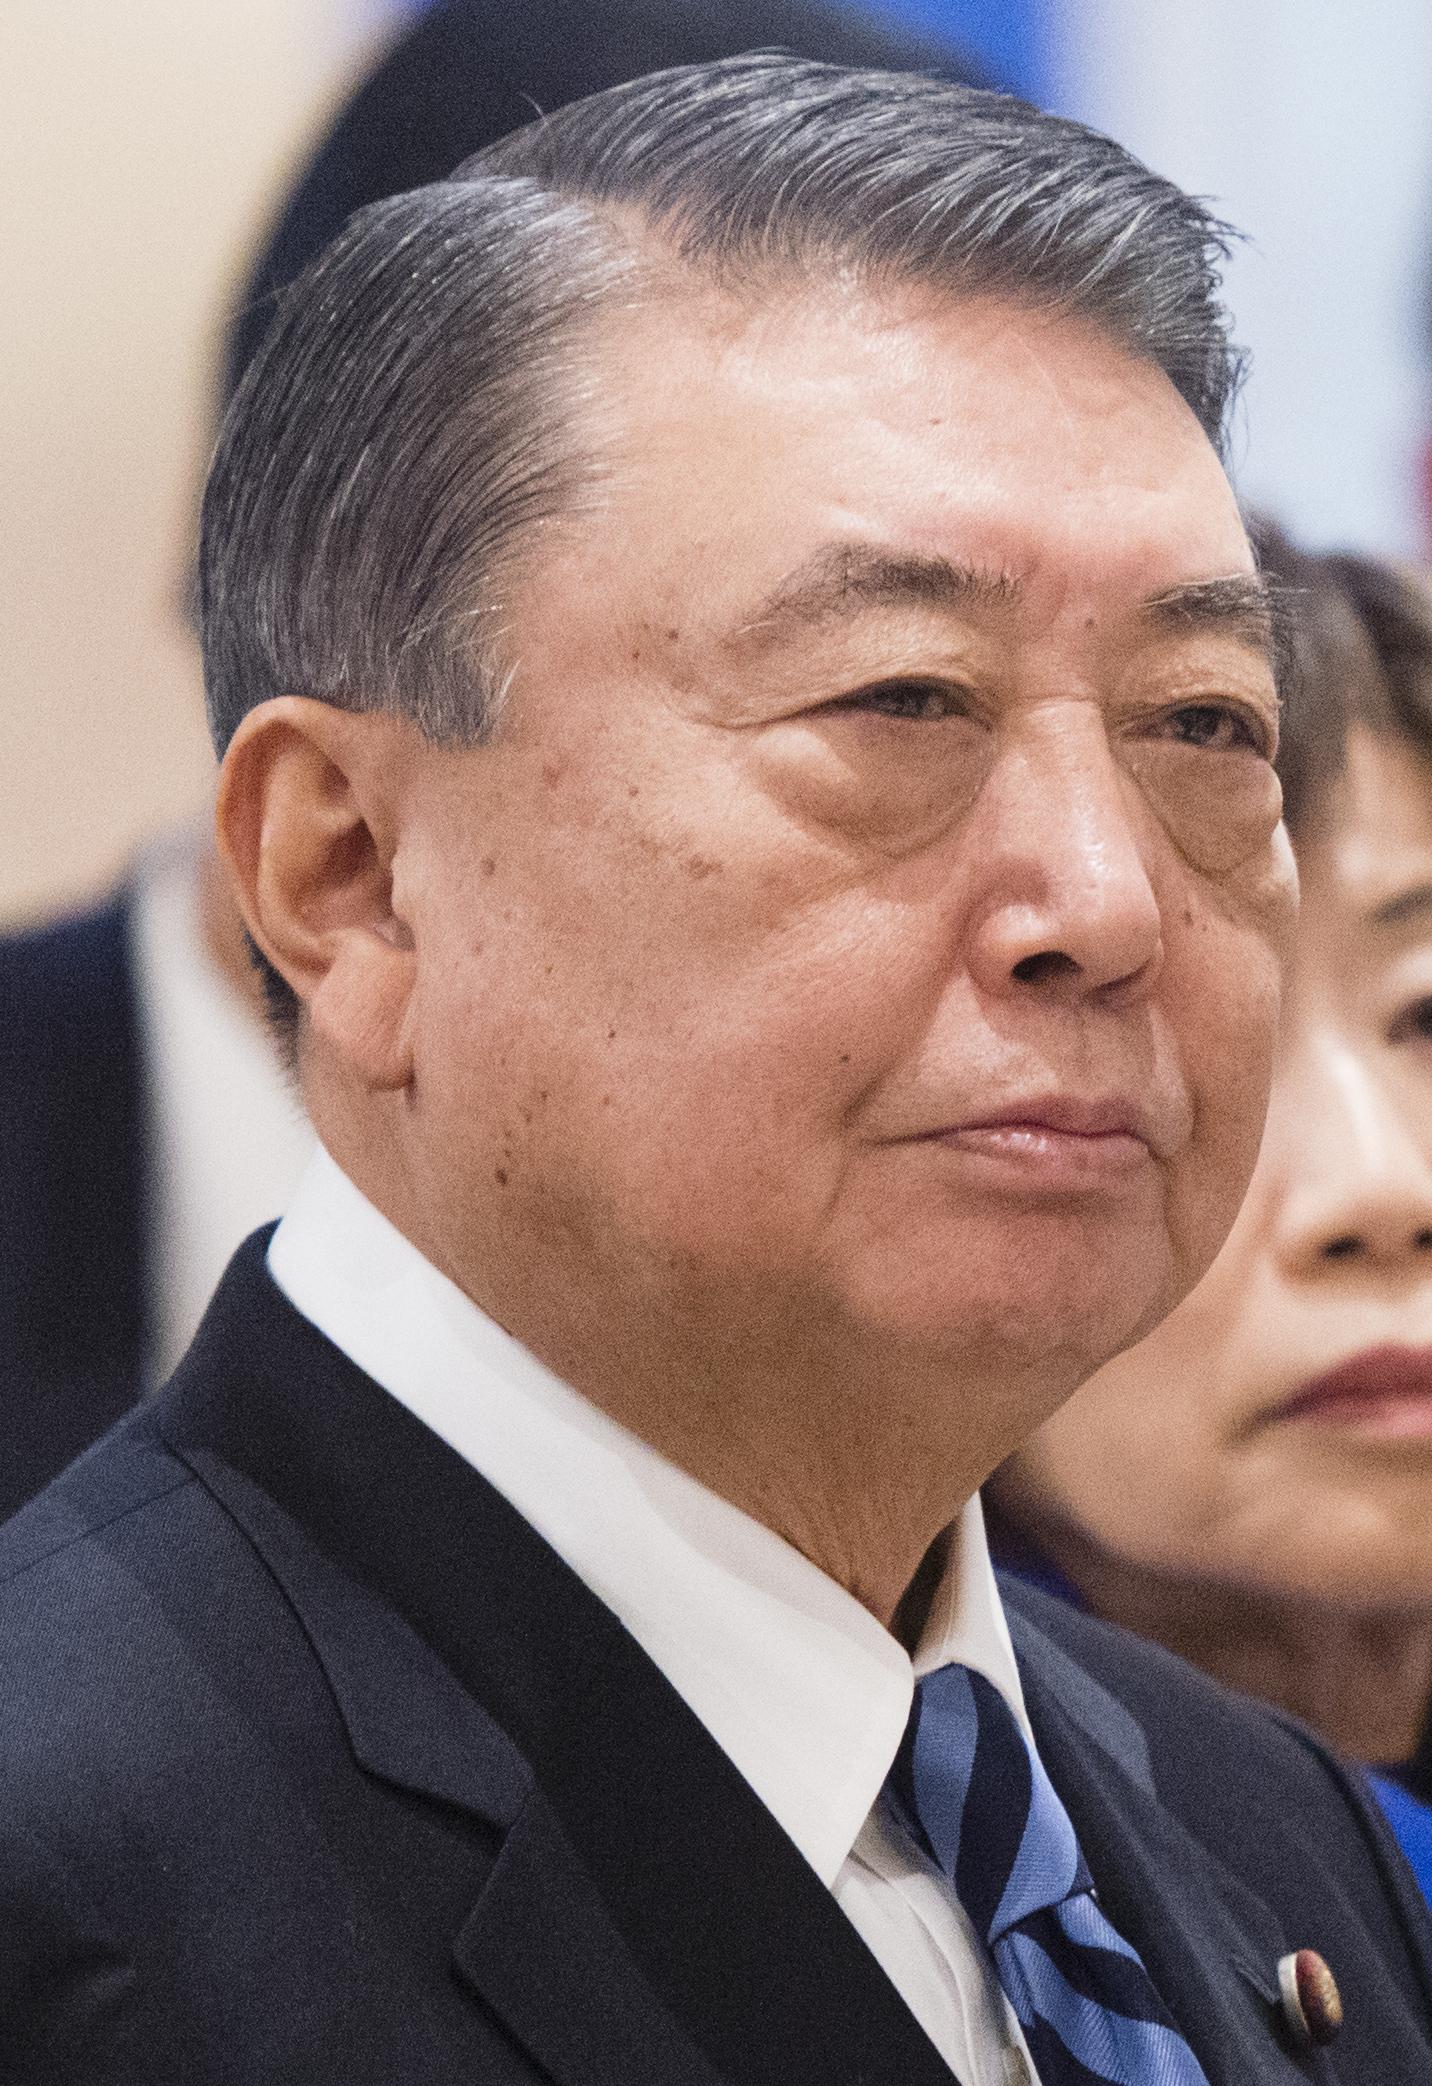 大島理森 - Wikipedia